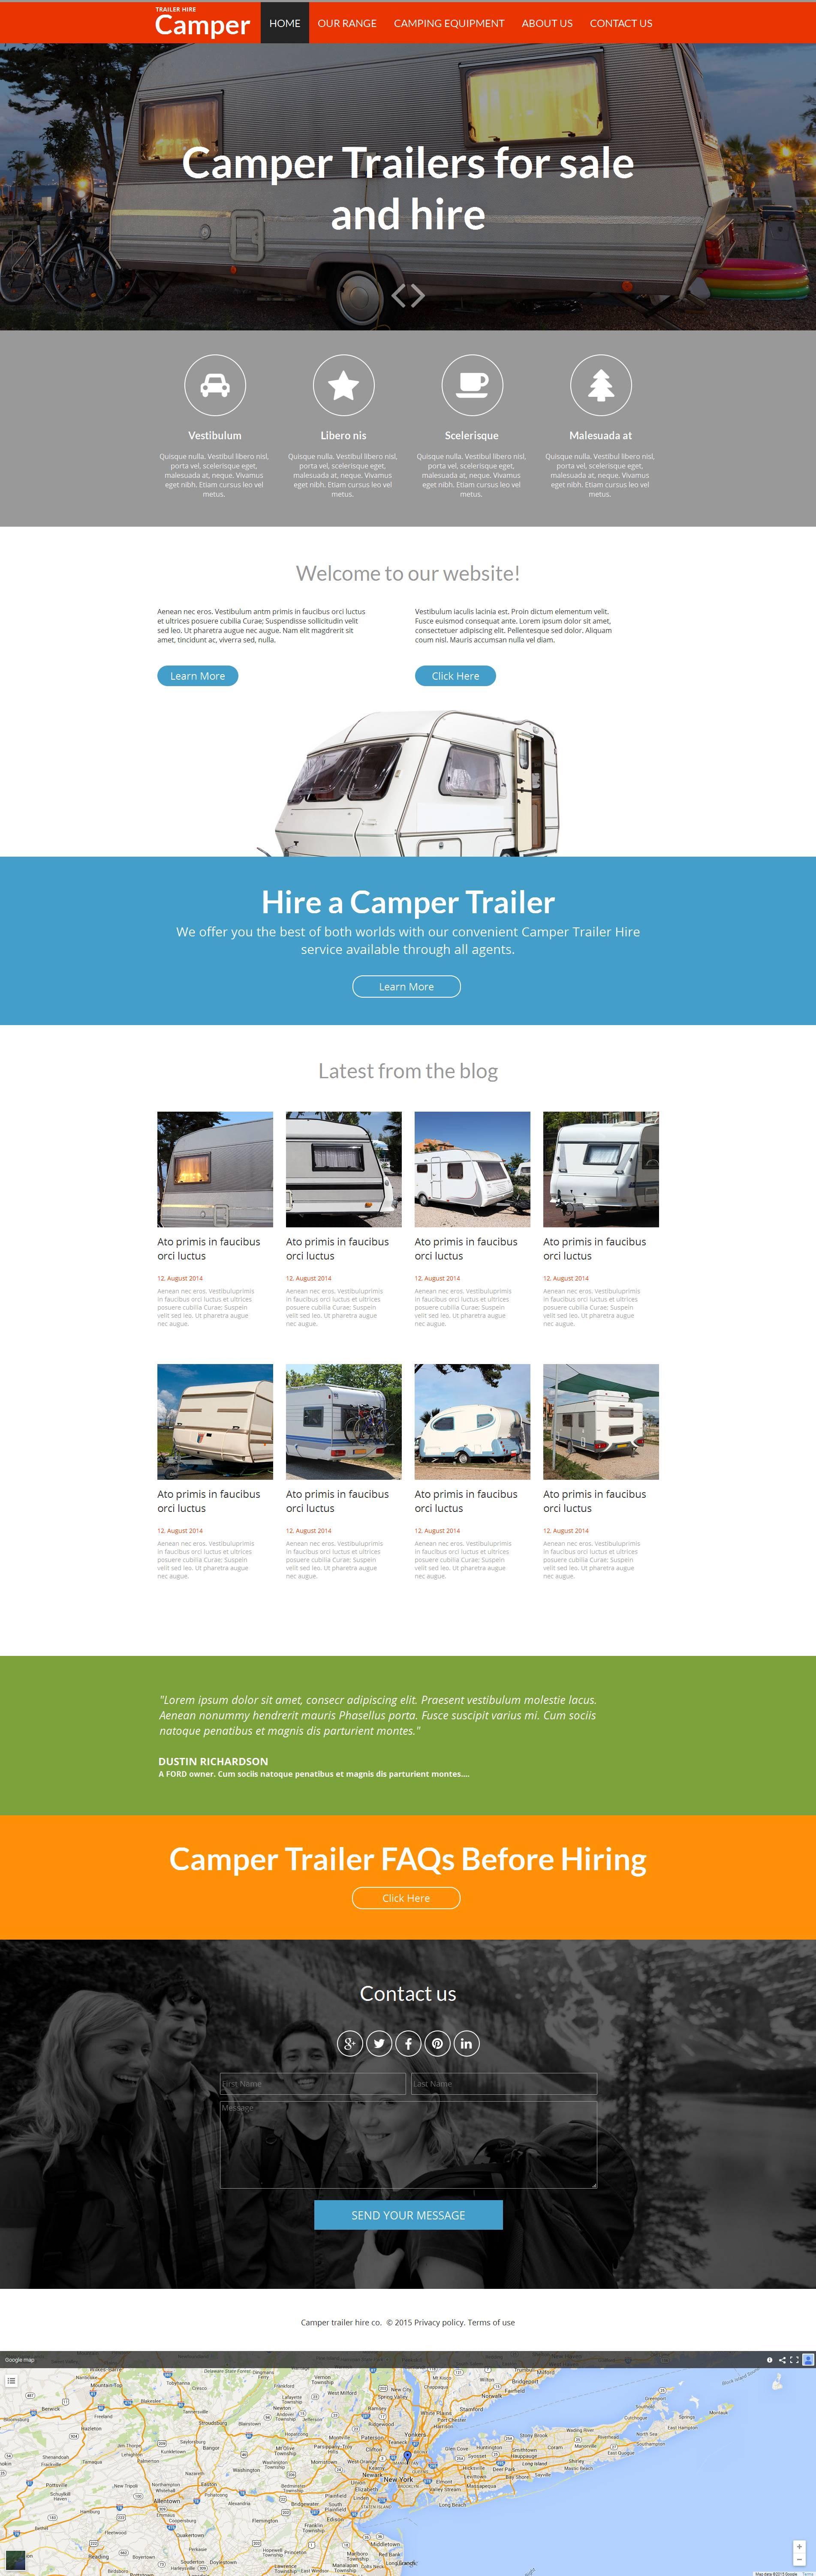 Modèle Moto CMS HTML Premium pour site de camping #53230 - screenshot